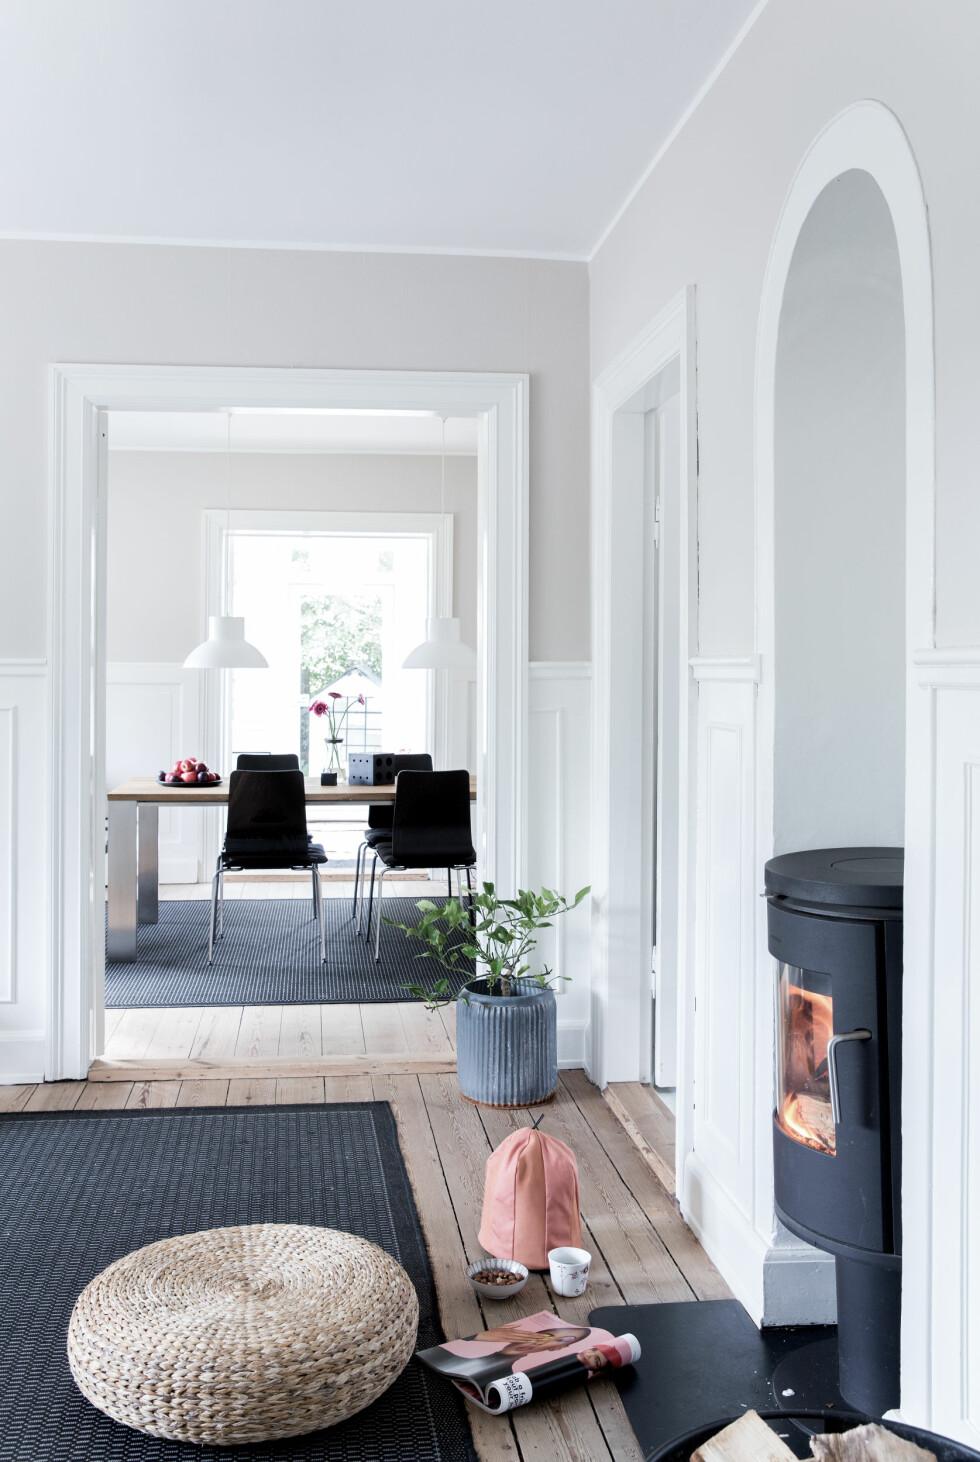 BRUK LYSET: Stuen, spisestuen og hagestuen ligger rett etter hverandre så man kan se hvordan lyset faller inn i alle rommene. Den lille puffen fra IKEA er perfekt å sette foran vedovnen en kjølig ettermiddag. Foto: Pernille Kaalund